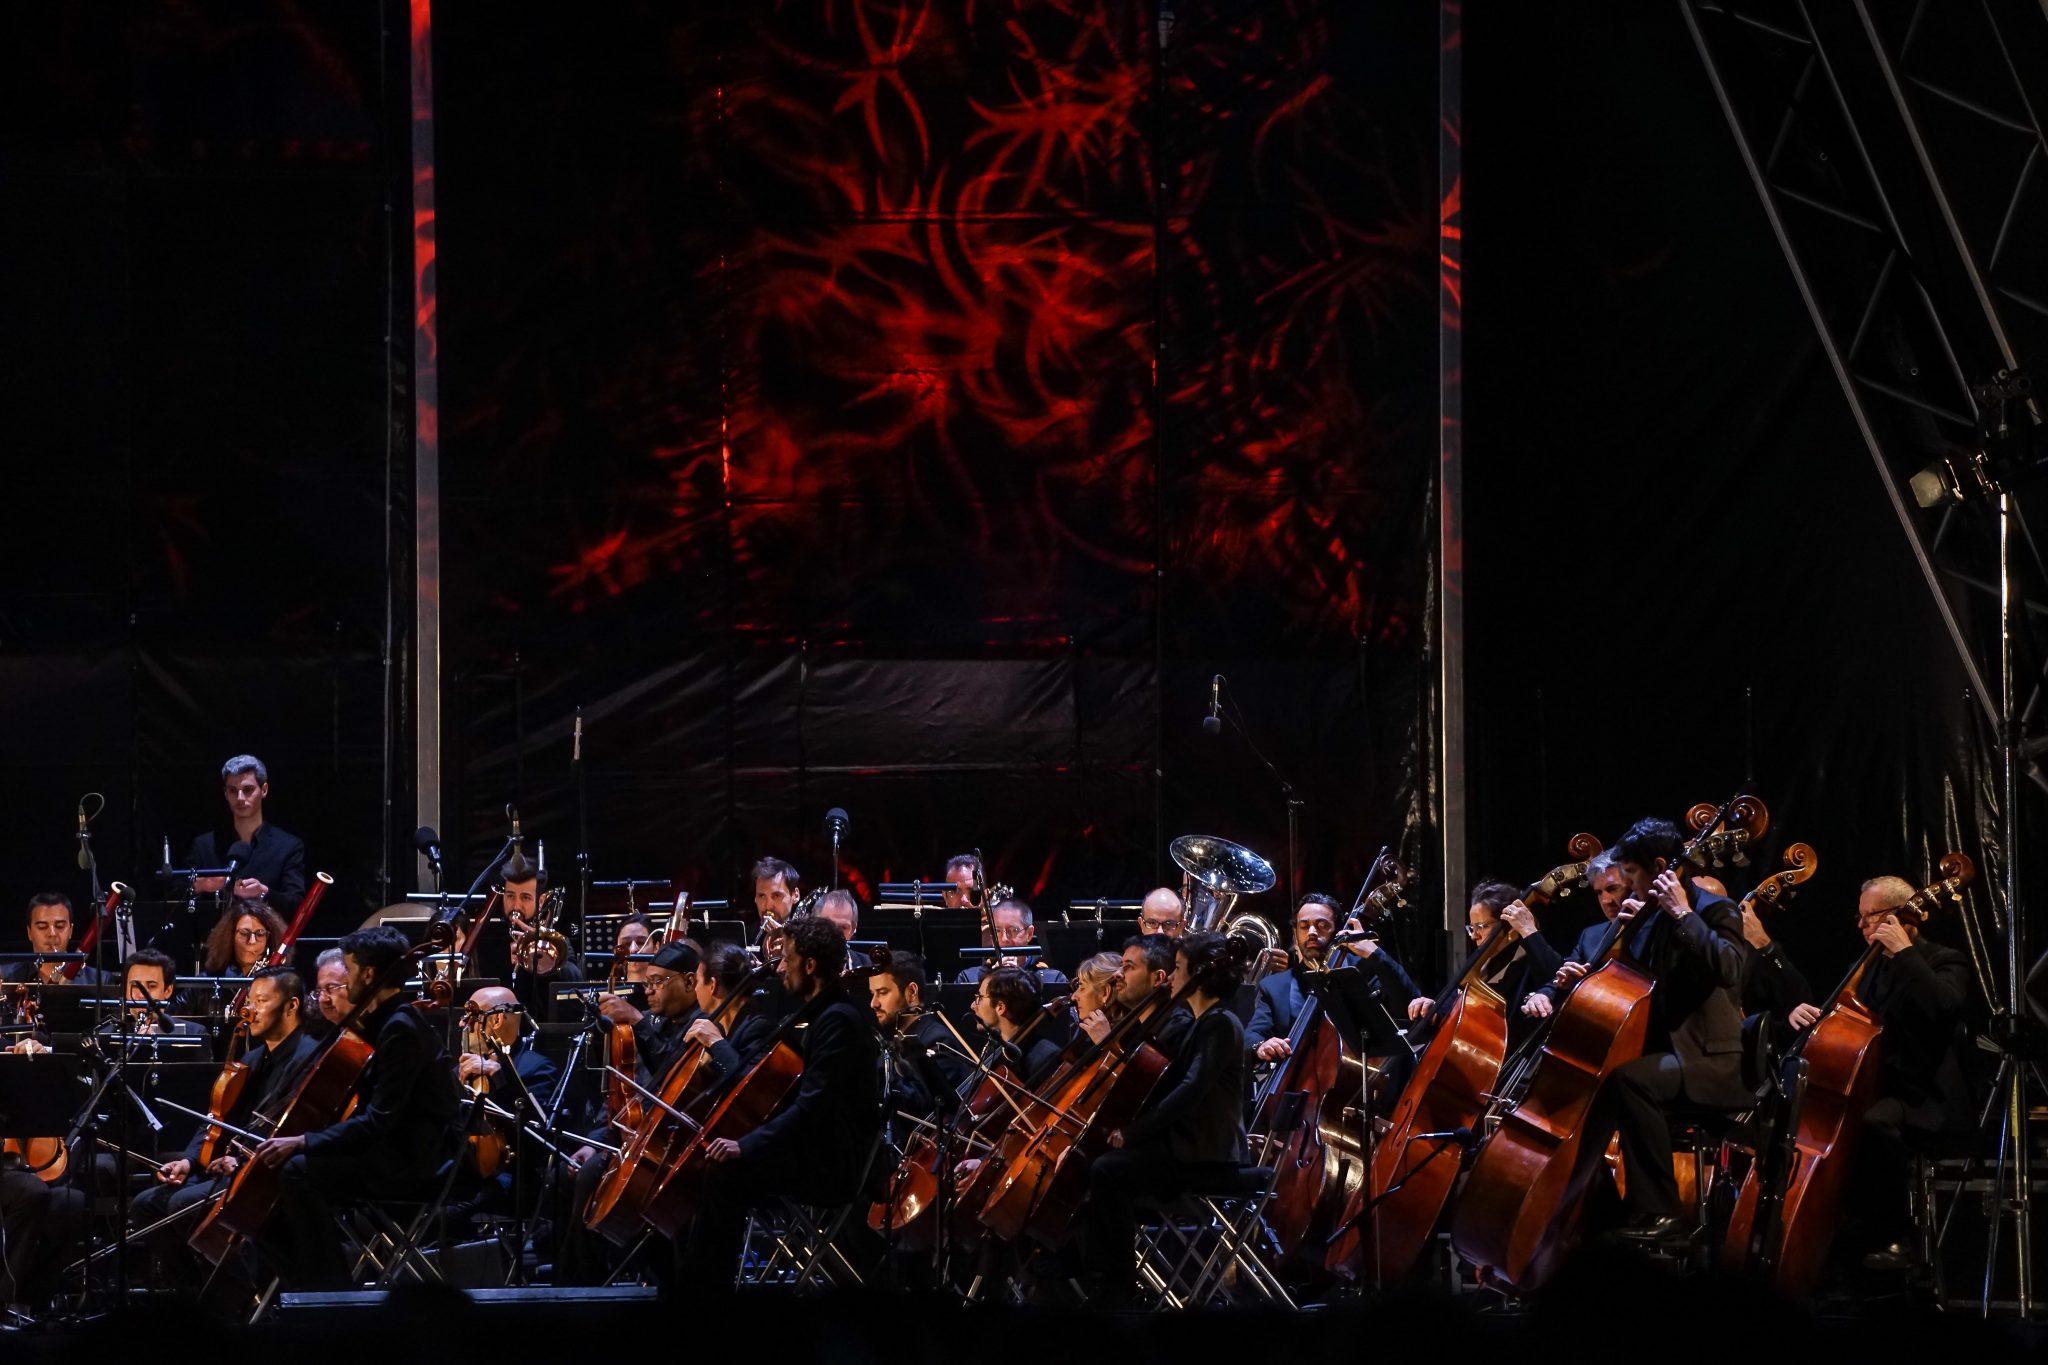 Orquestra no palco e um fundo com efeitos de luz vermelhos